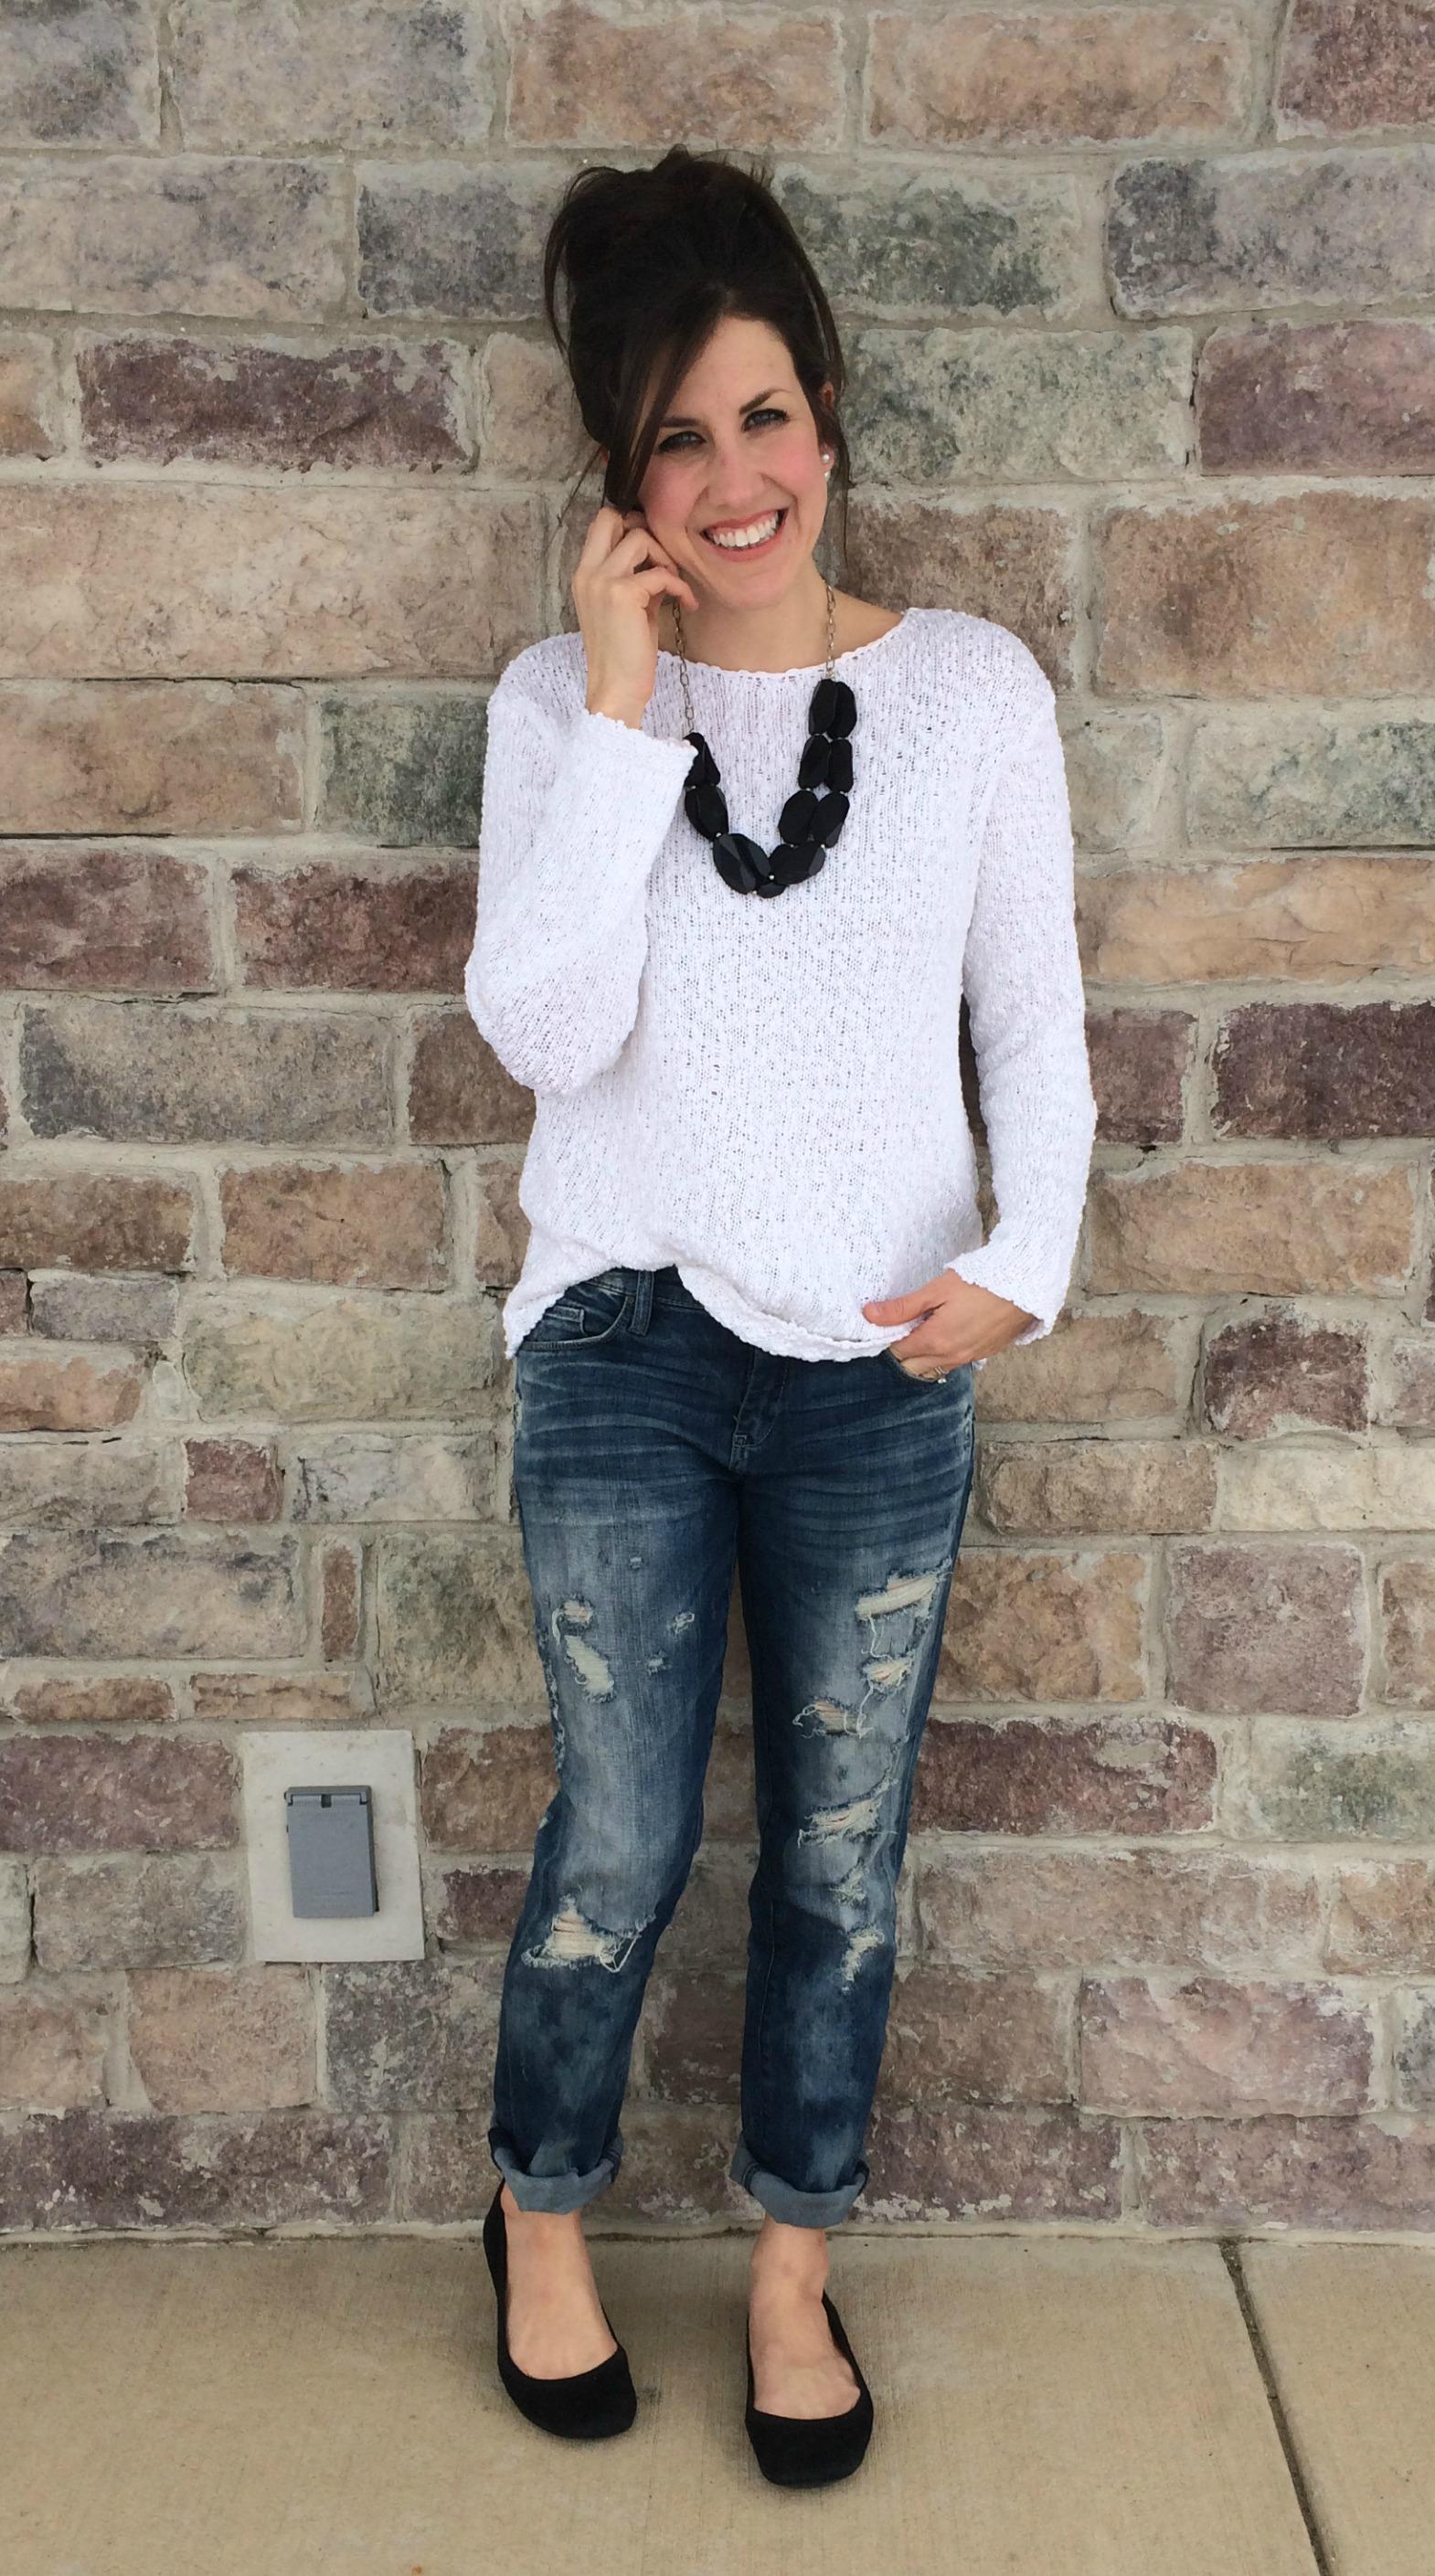 mar121 trendy ways to wear j jill women's apparel jjillstyle momma in,J Jill Womens Clothing